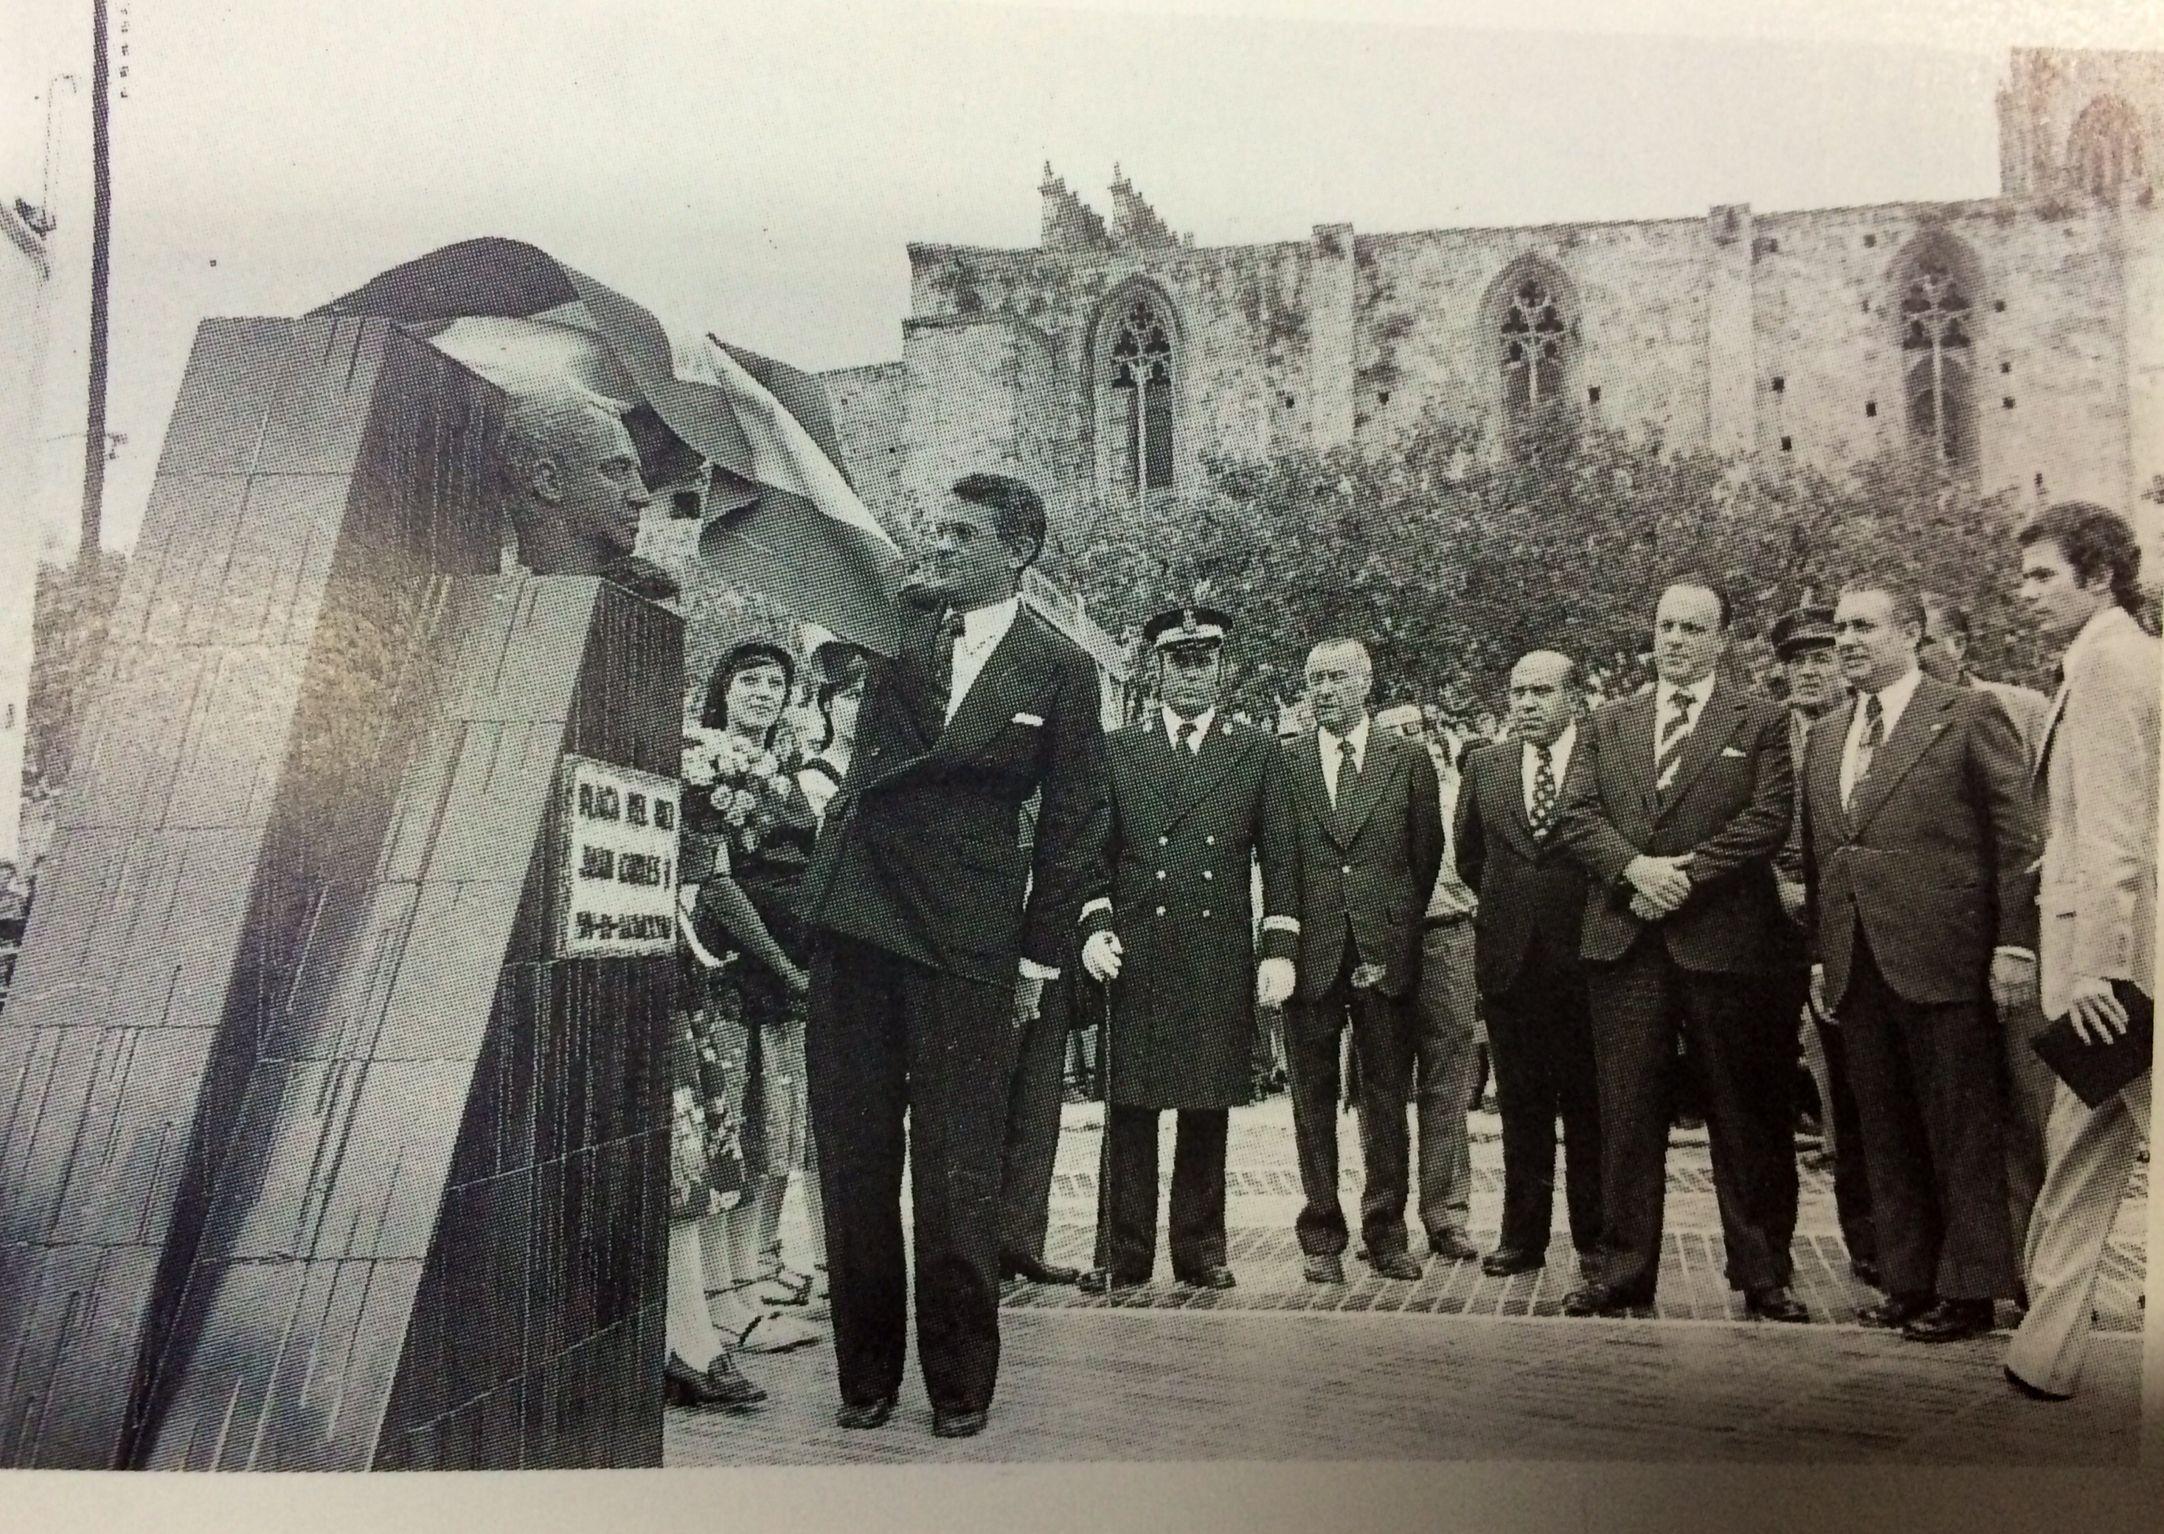 L'alcalde de Sant Cugat, Francesc de P. Llatjós, el governador civil de Barcelona, Salvador Sánchez, i l'exministre de Governació, Manuel Fraga, van inaugurar el monument i la plaça del Rei Joan Carles I el 15 de setembre de 1976.